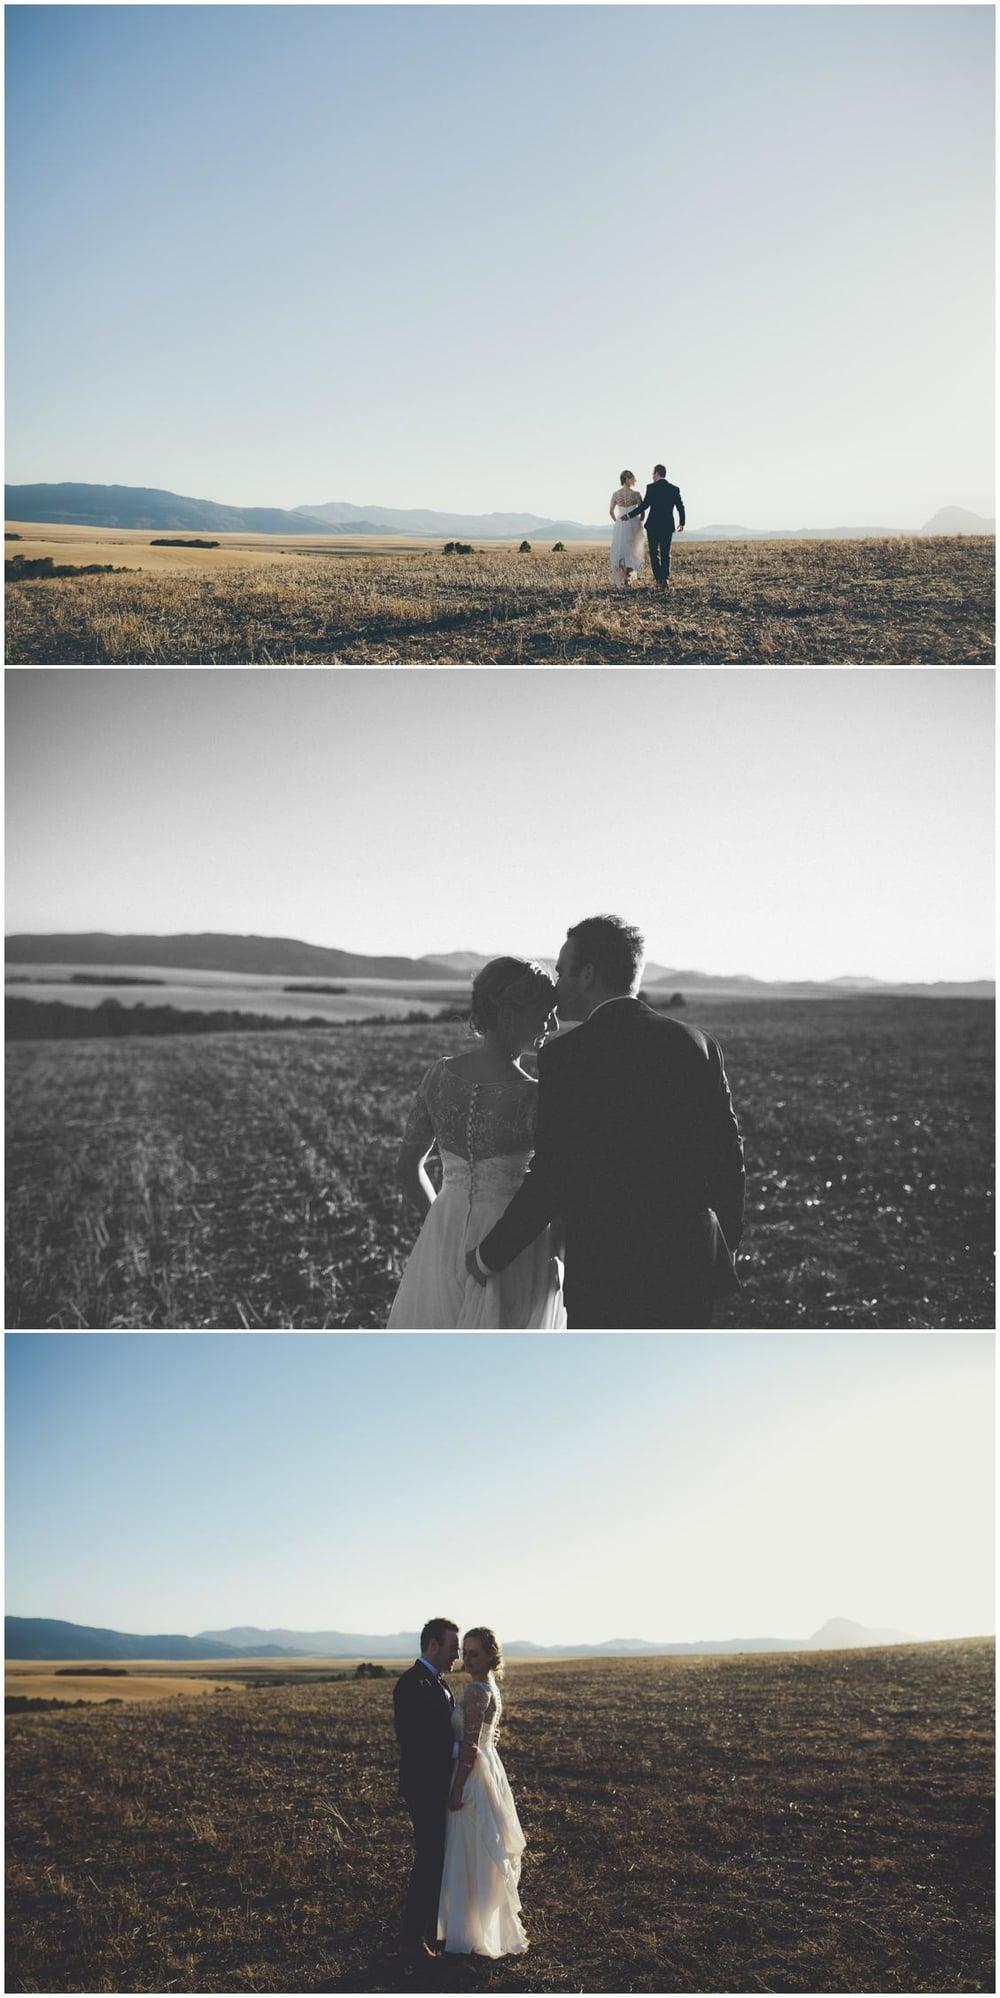 Ruan&Lizzie@Diewoud_FionaClairPhotography-179.jpg